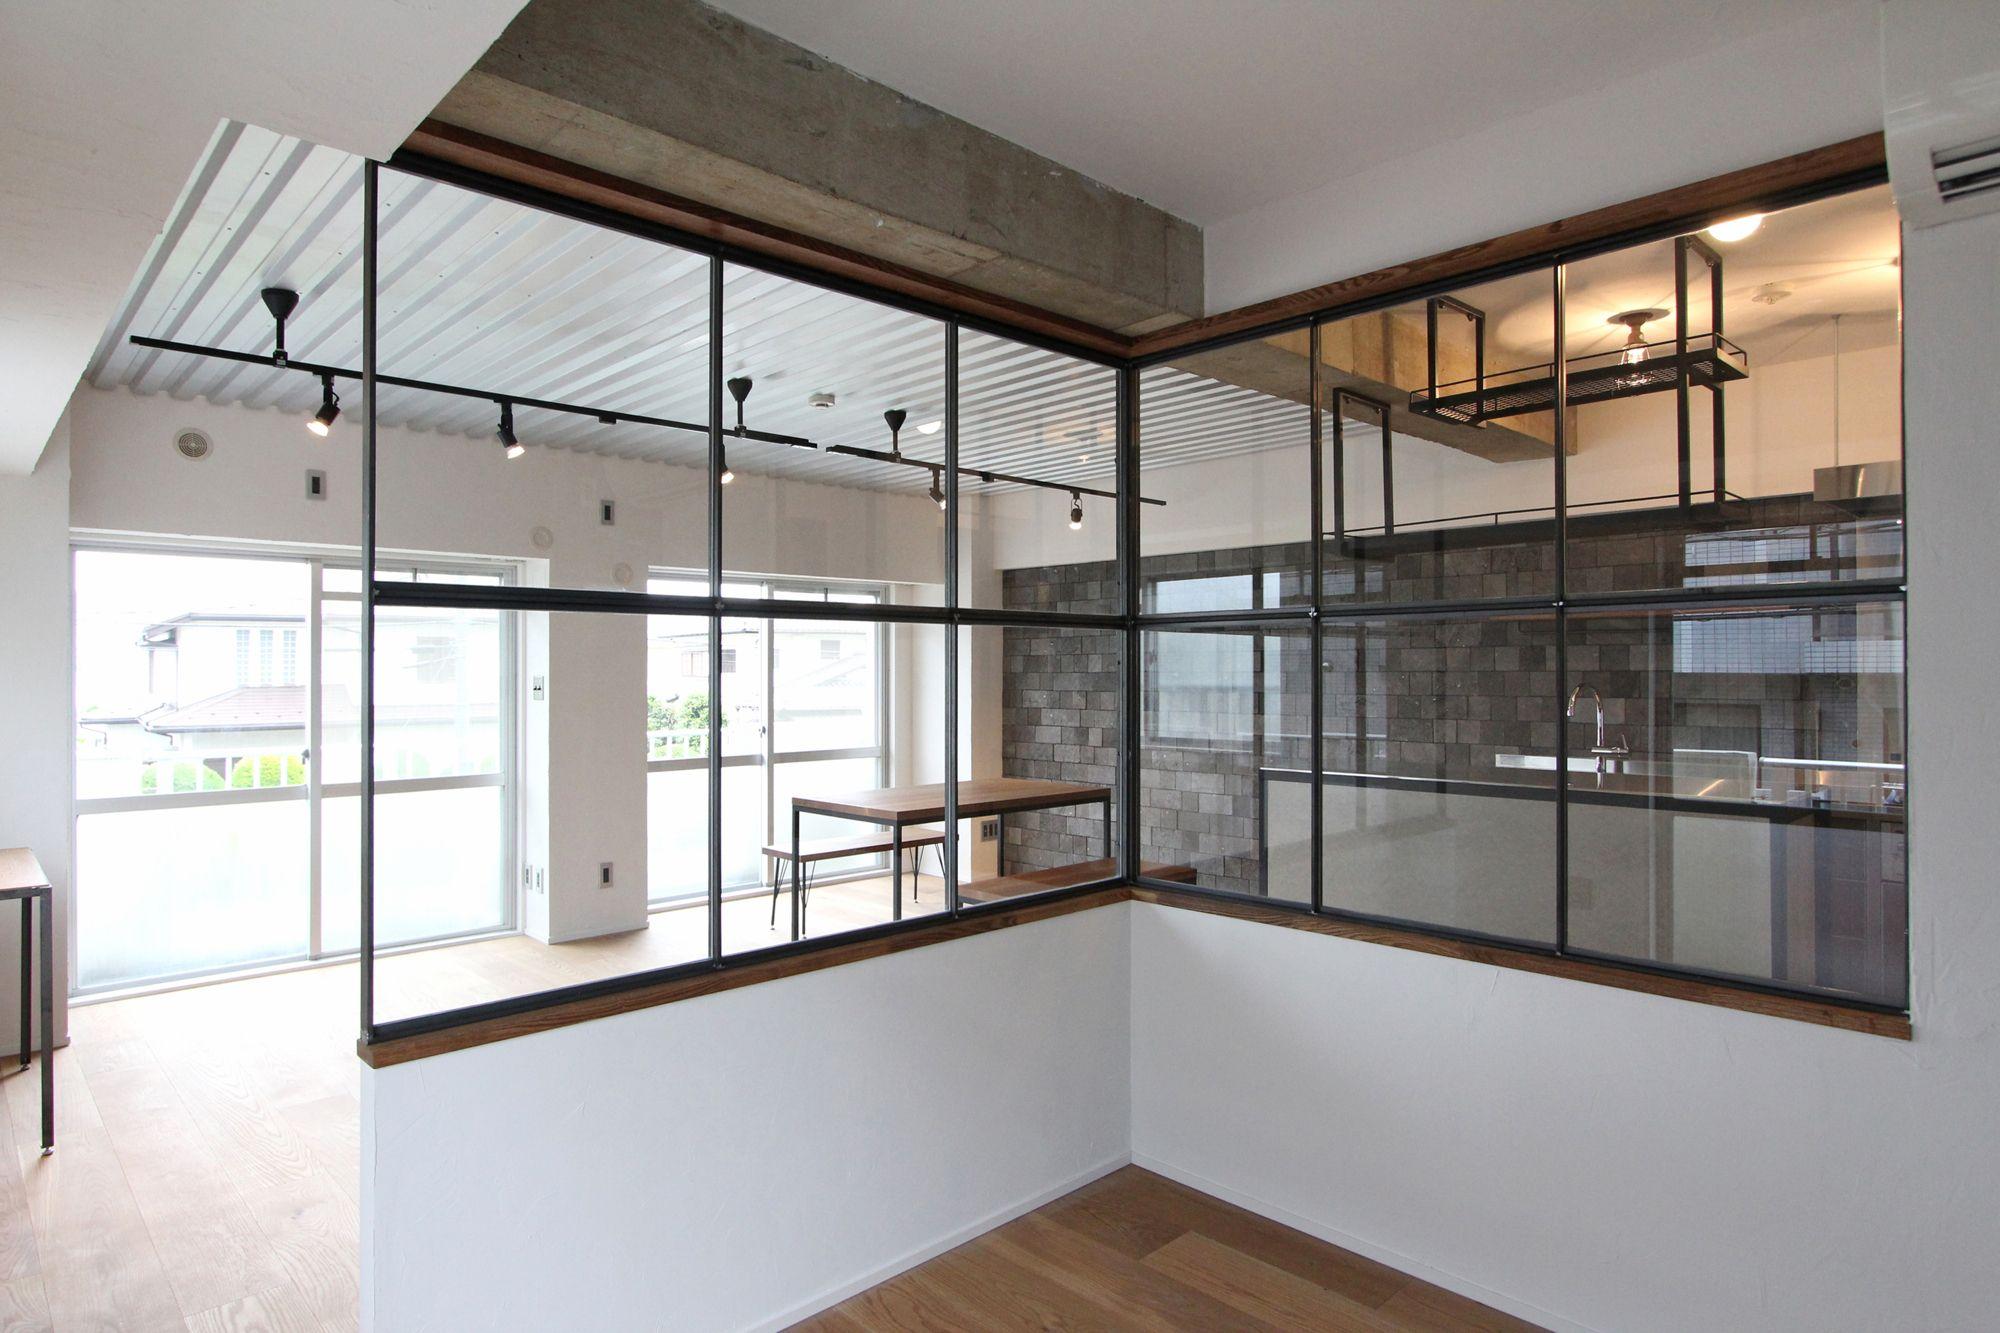 スチール天井 アイアンフレーム窓 溶岩石タイル の三拍子 ホーム